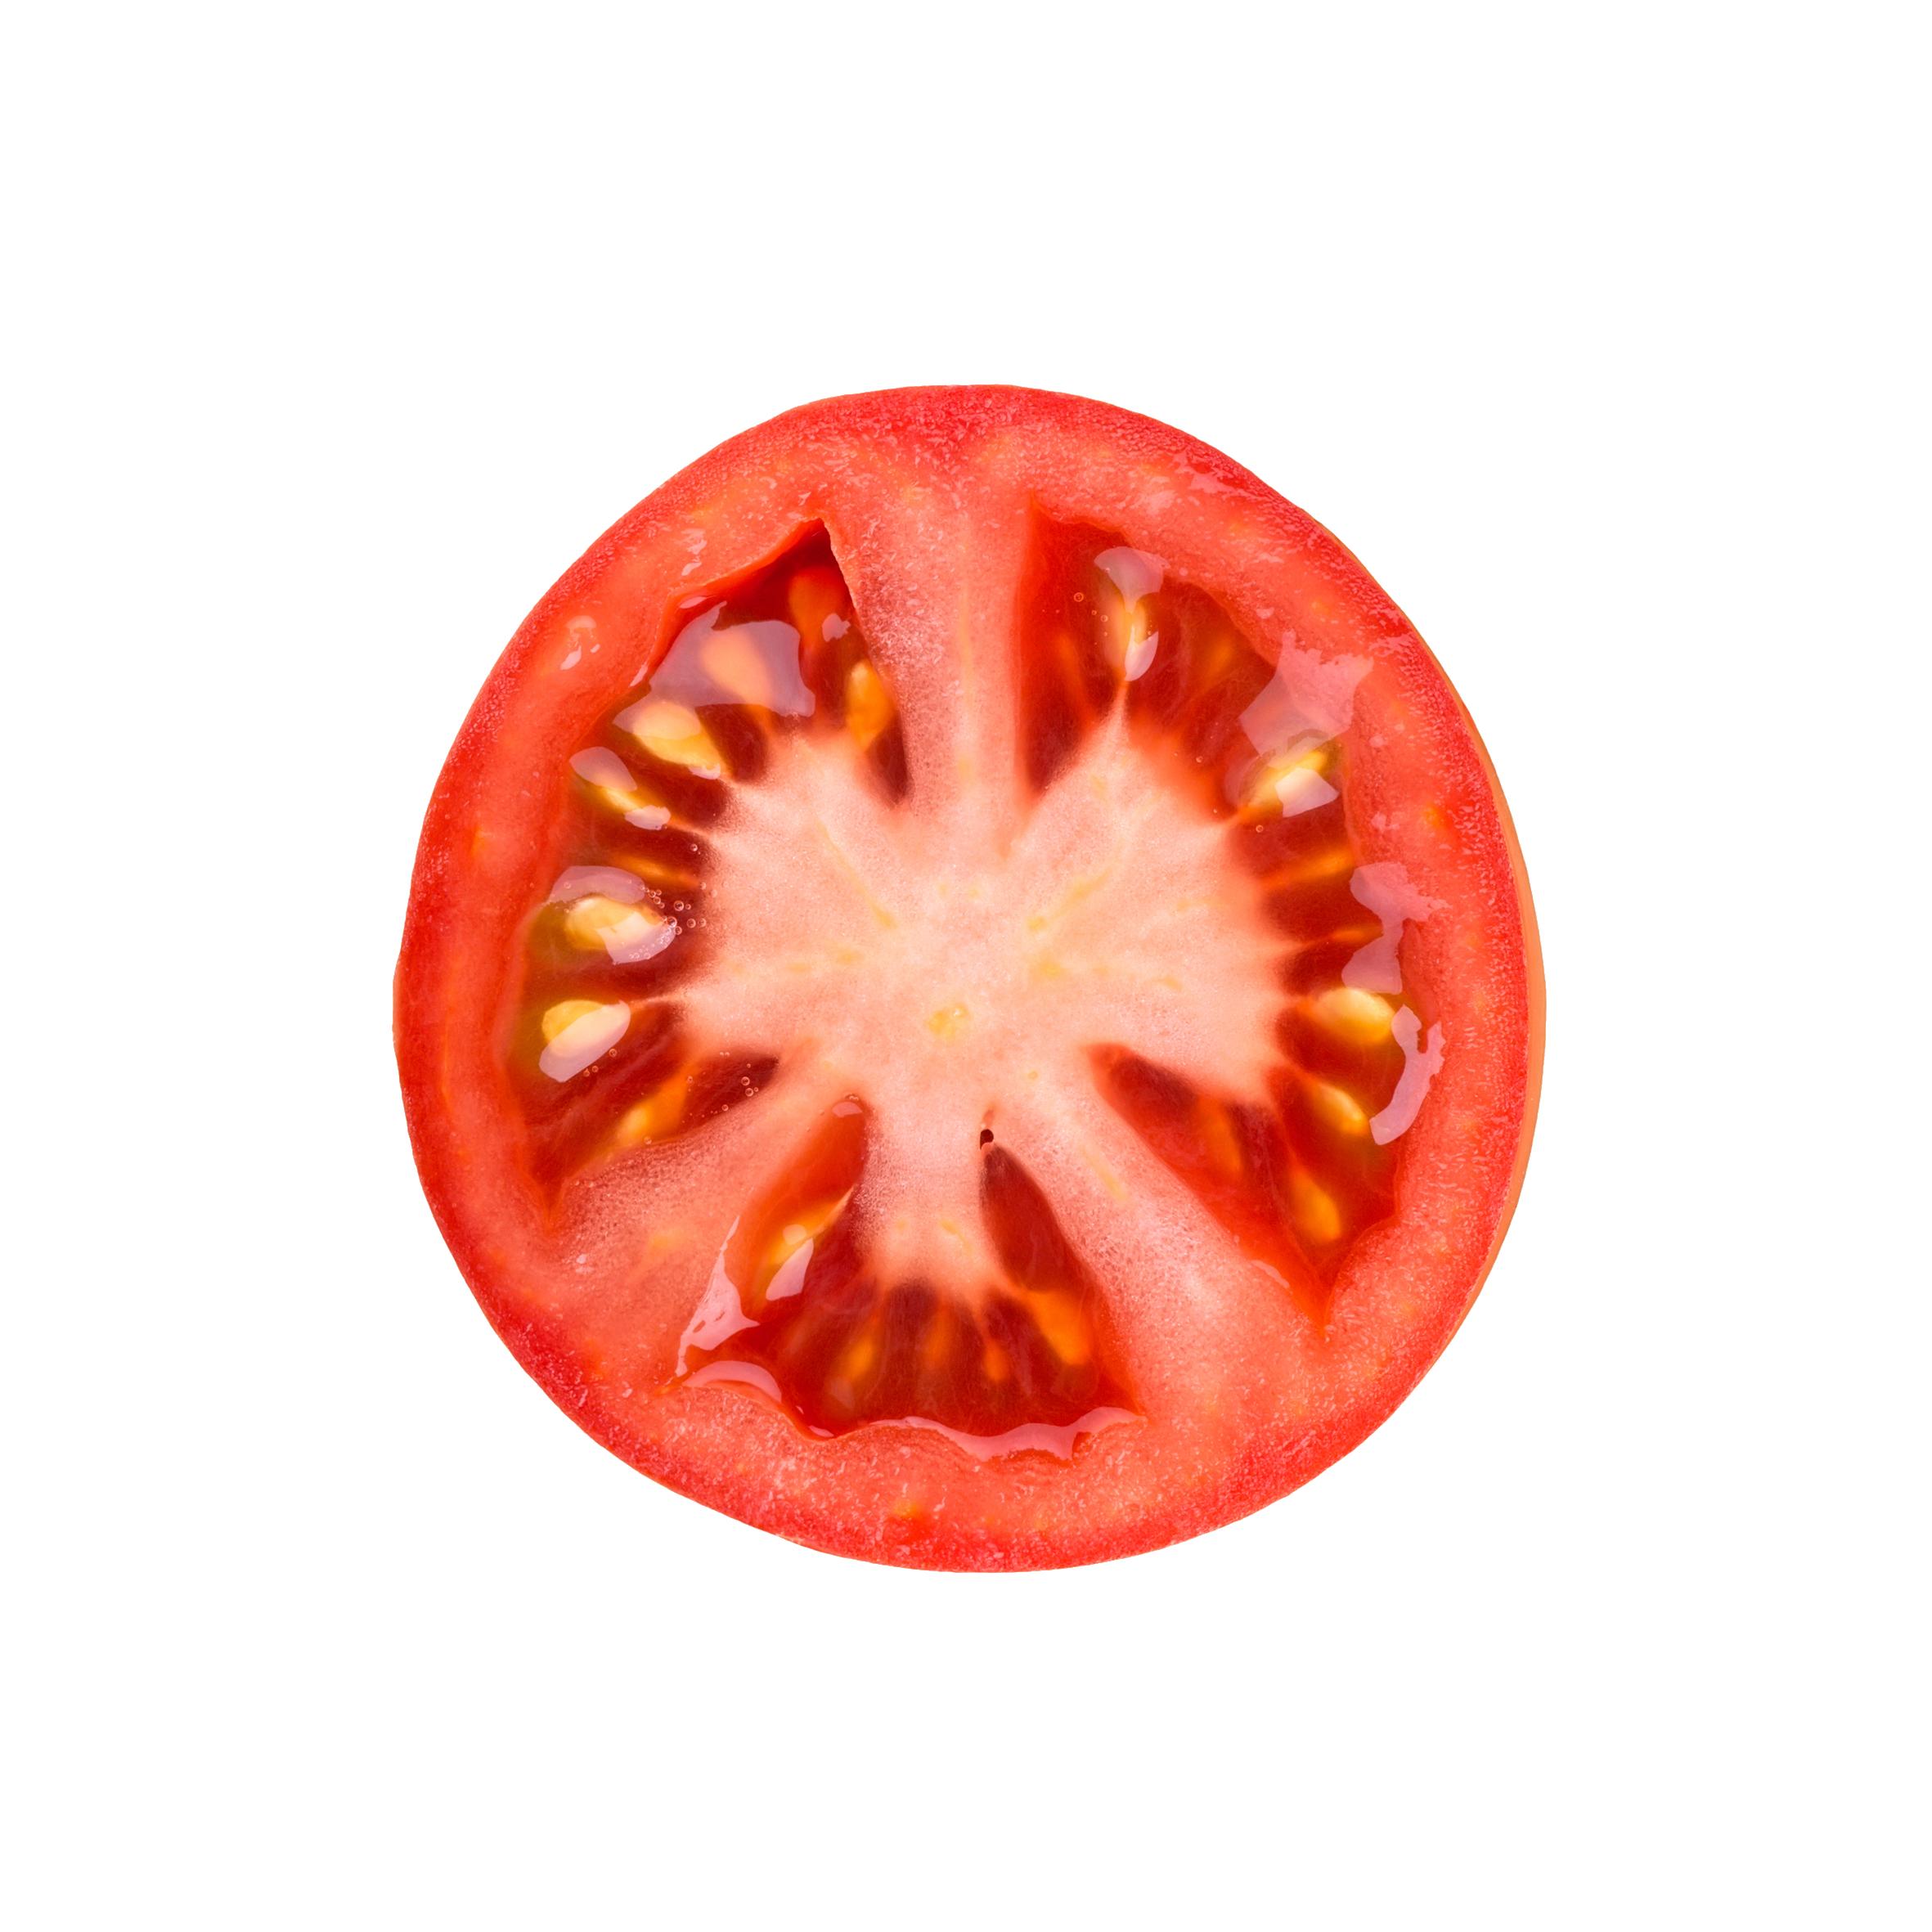 Clipart vegetables tomato. Pizza vegetarian cuisine vegetable